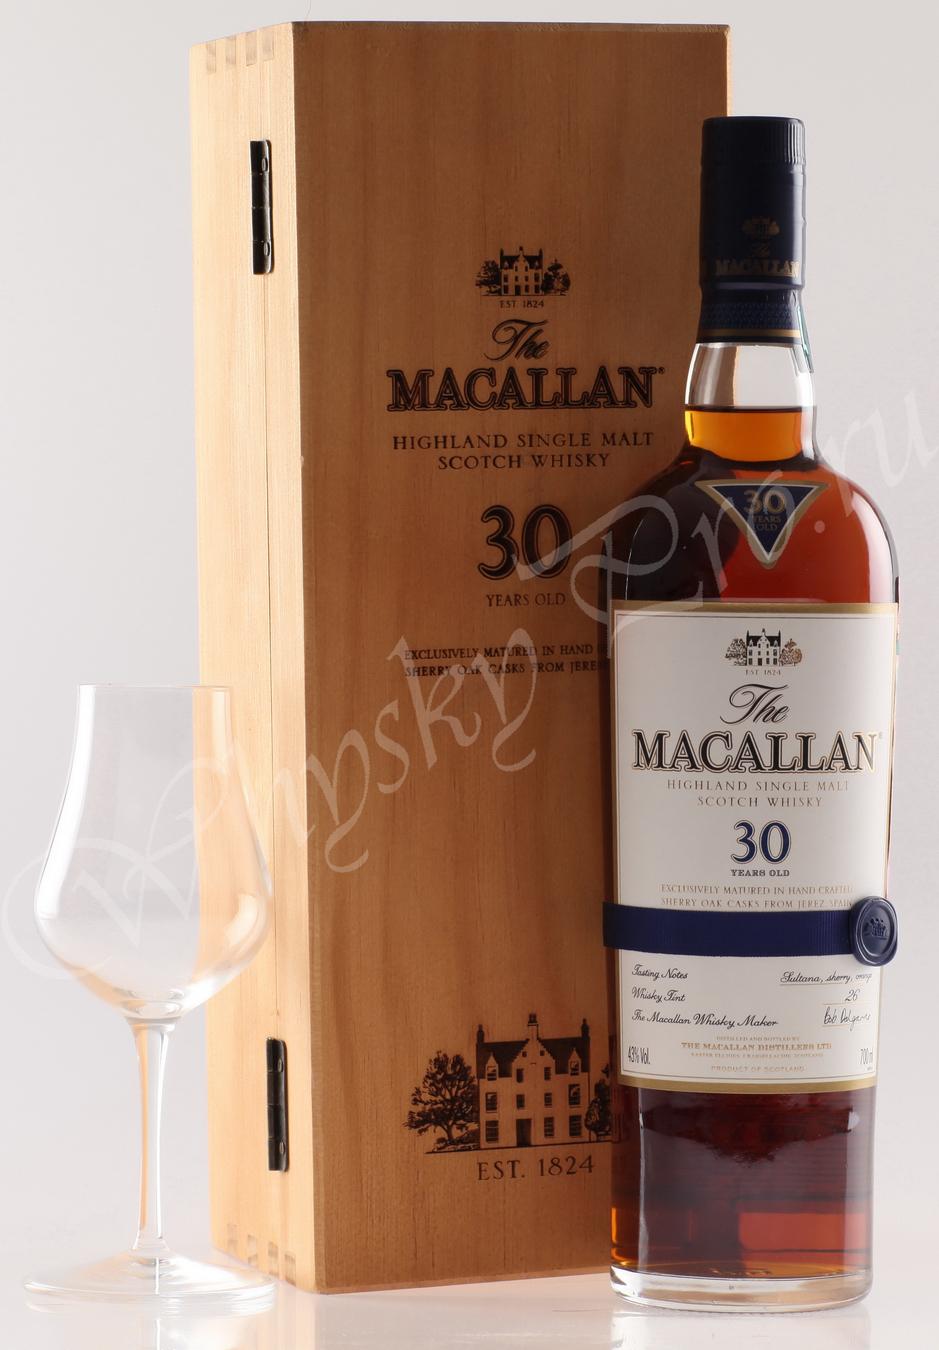 Виски Шотландский скотч виски Макаллан 30 лет Шерри Оук виски Macallan 30 years Sherry Oak